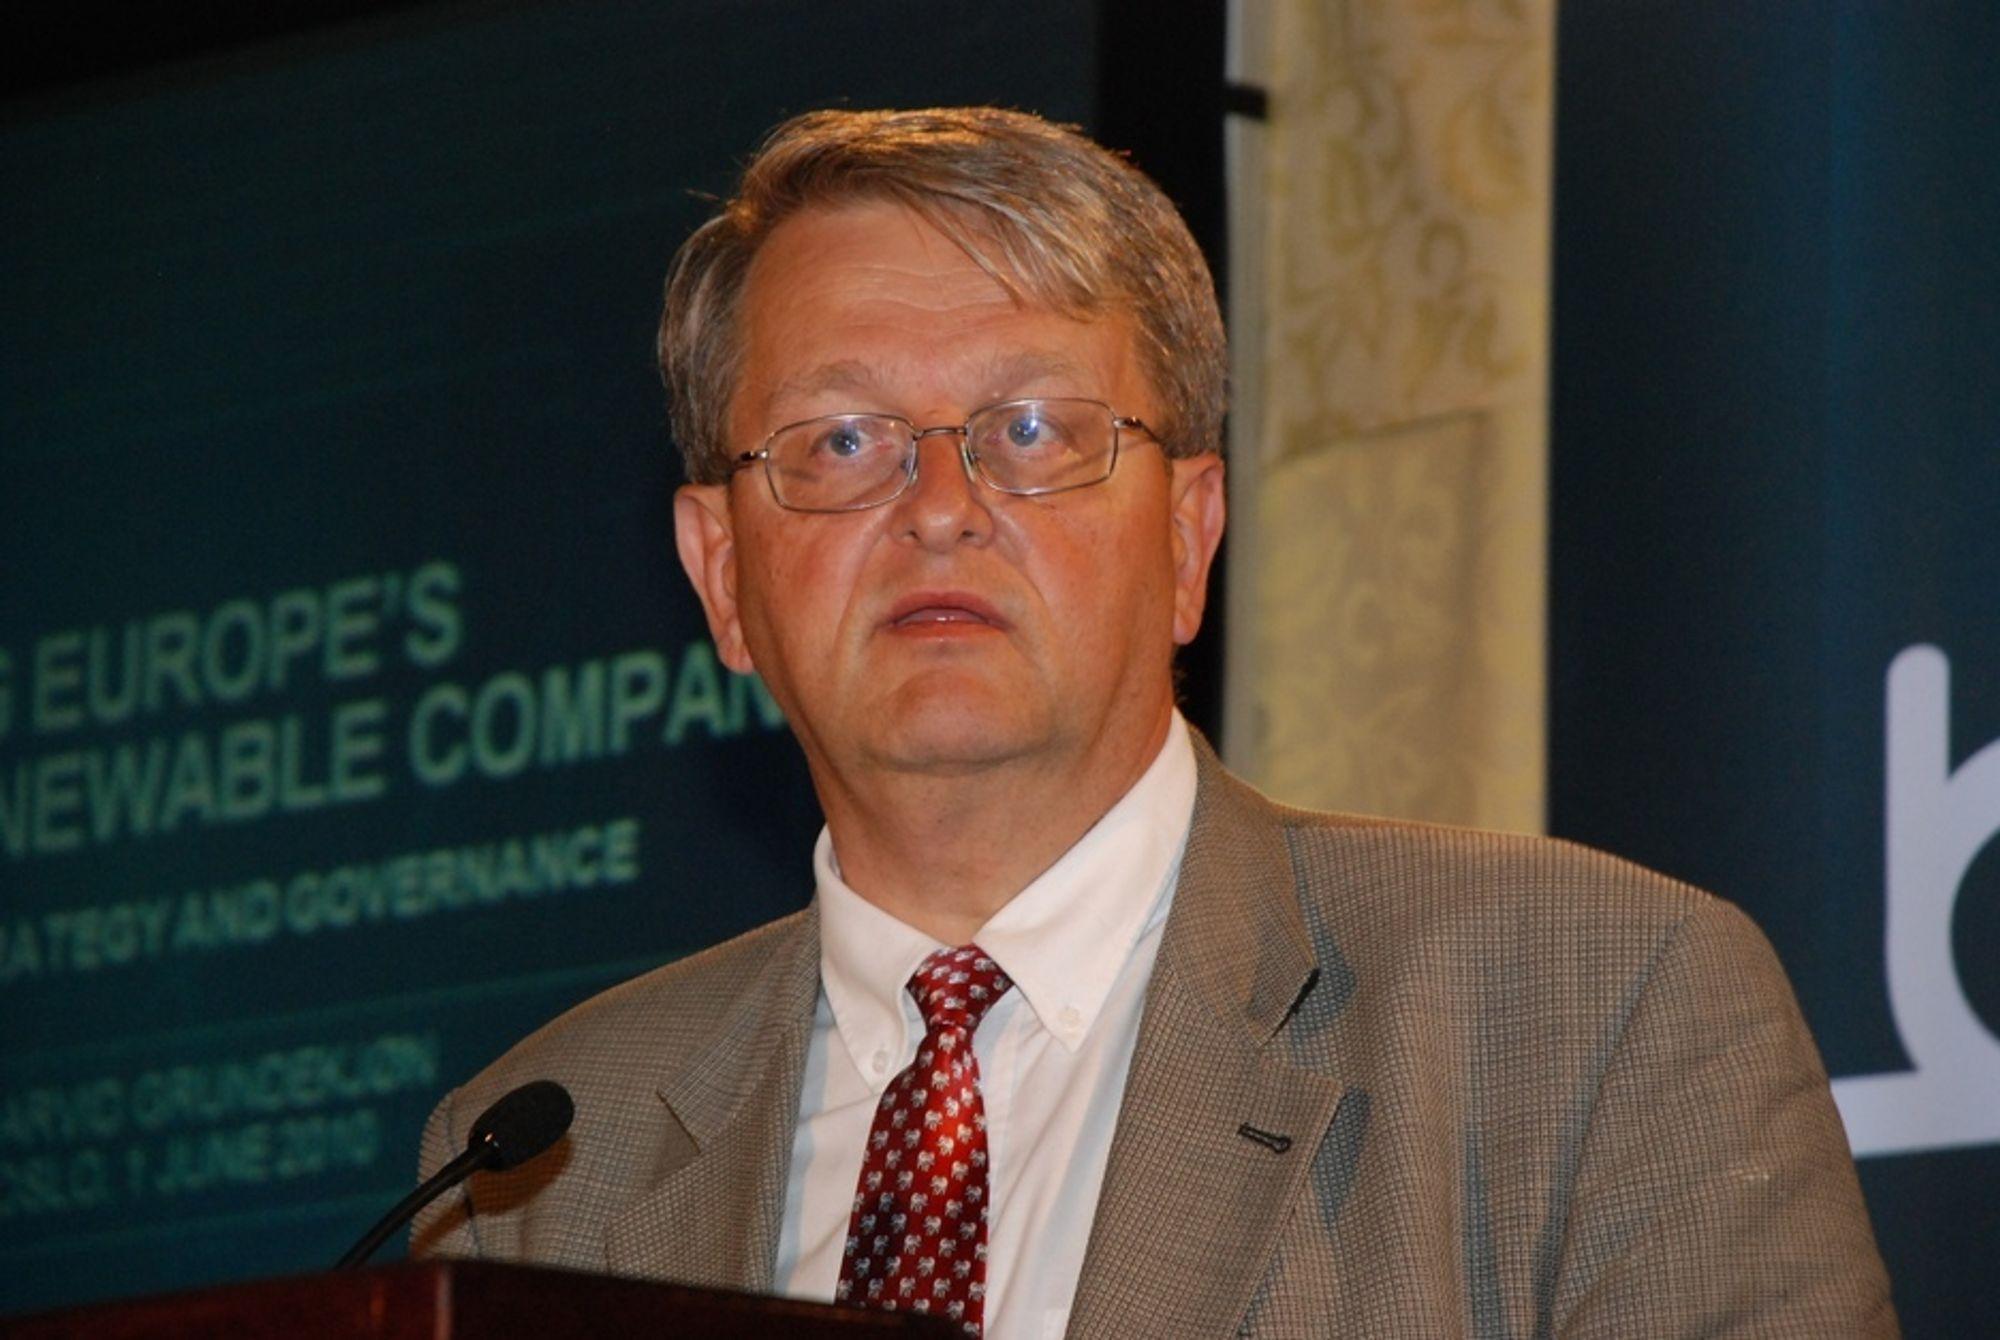 RAKRYGGET: Arvid Grundekjøn har framført sin kritikk av regjeringen både mens han var styreleder og etter at han ble sparket.